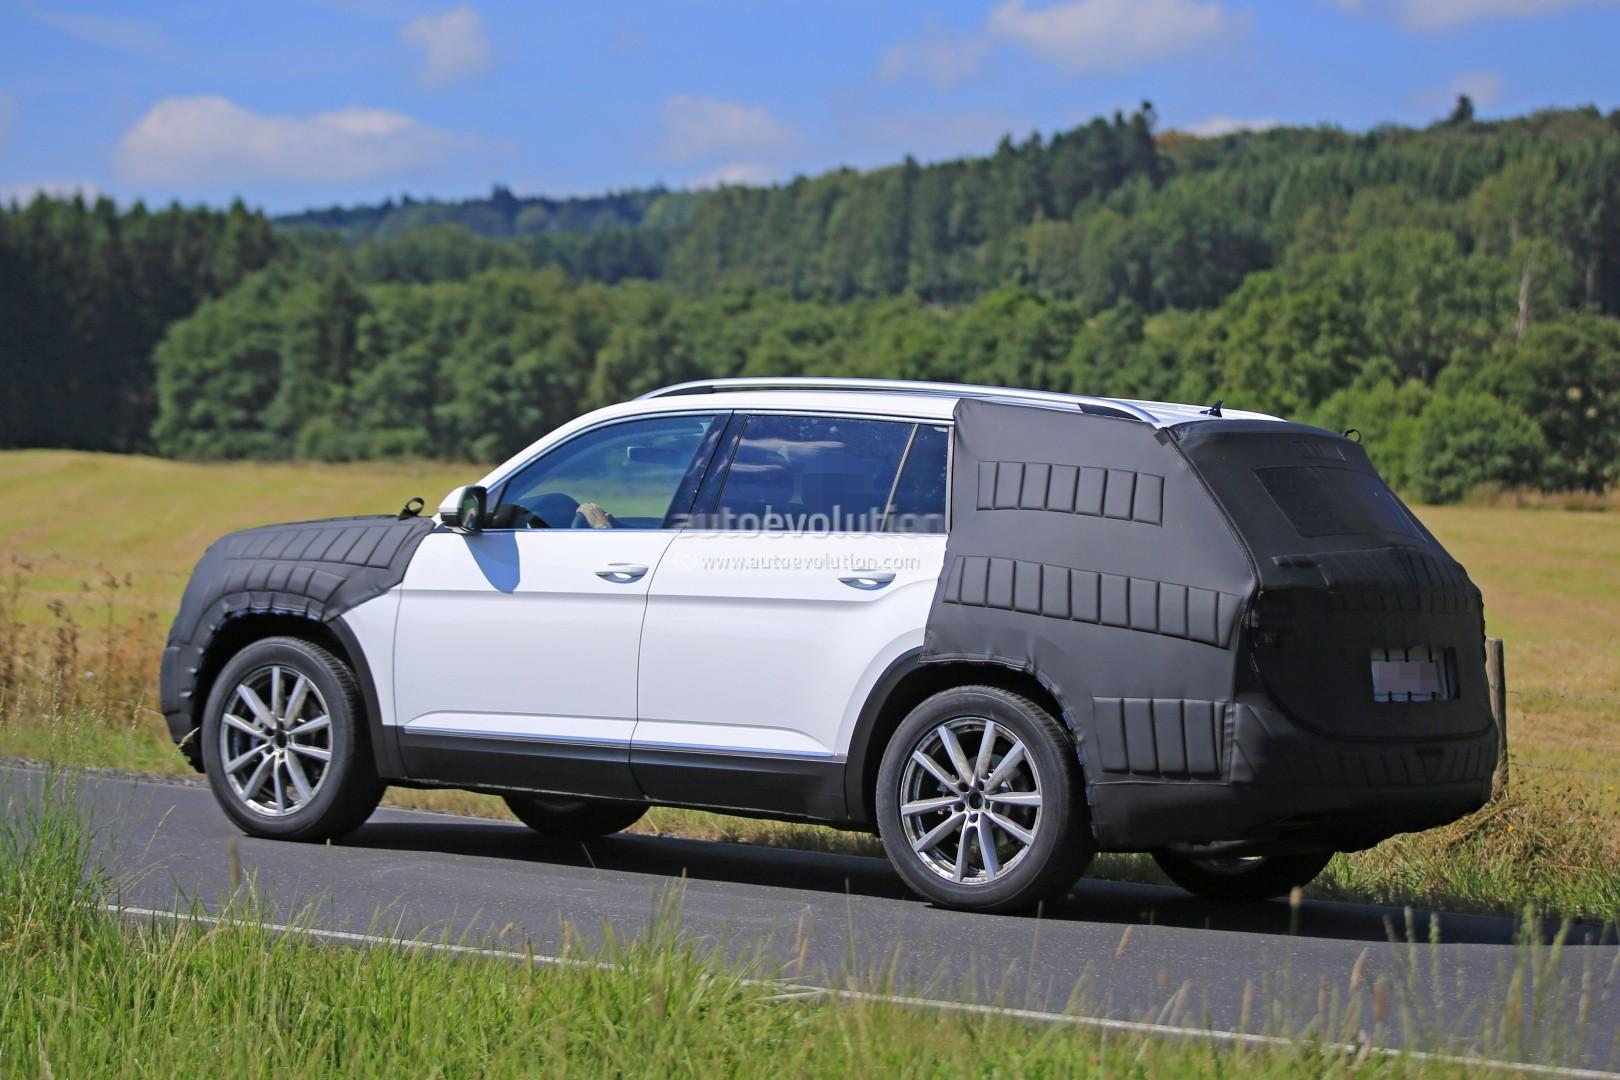 2017 volkswagen 7 seater us market suv spied testing its extended golf platform autoevolution. Black Bedroom Furniture Sets. Home Design Ideas